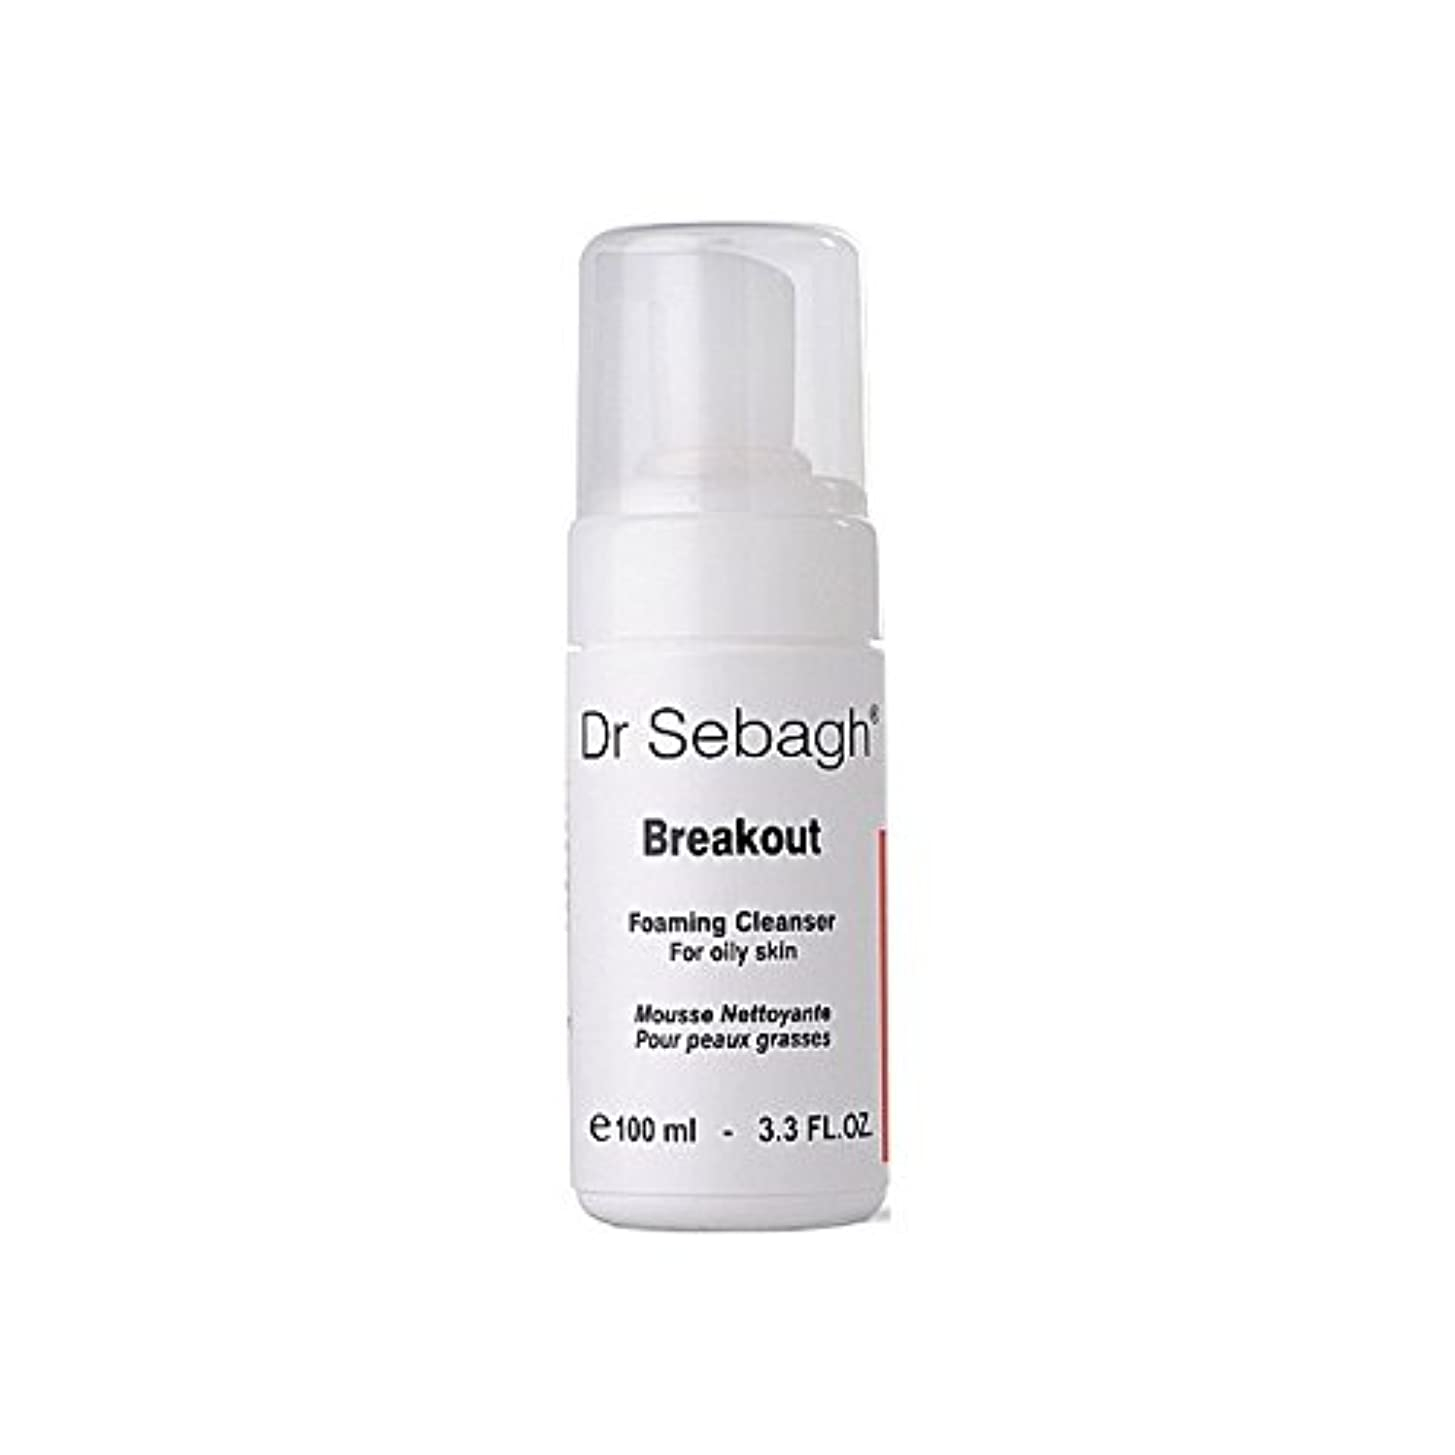 エールリーガン鮫クレンザーを発泡の のブレイクアウト x4 - Dr Sebagh Breakout Foaming Cleanser (Pack of 4) [並行輸入品]